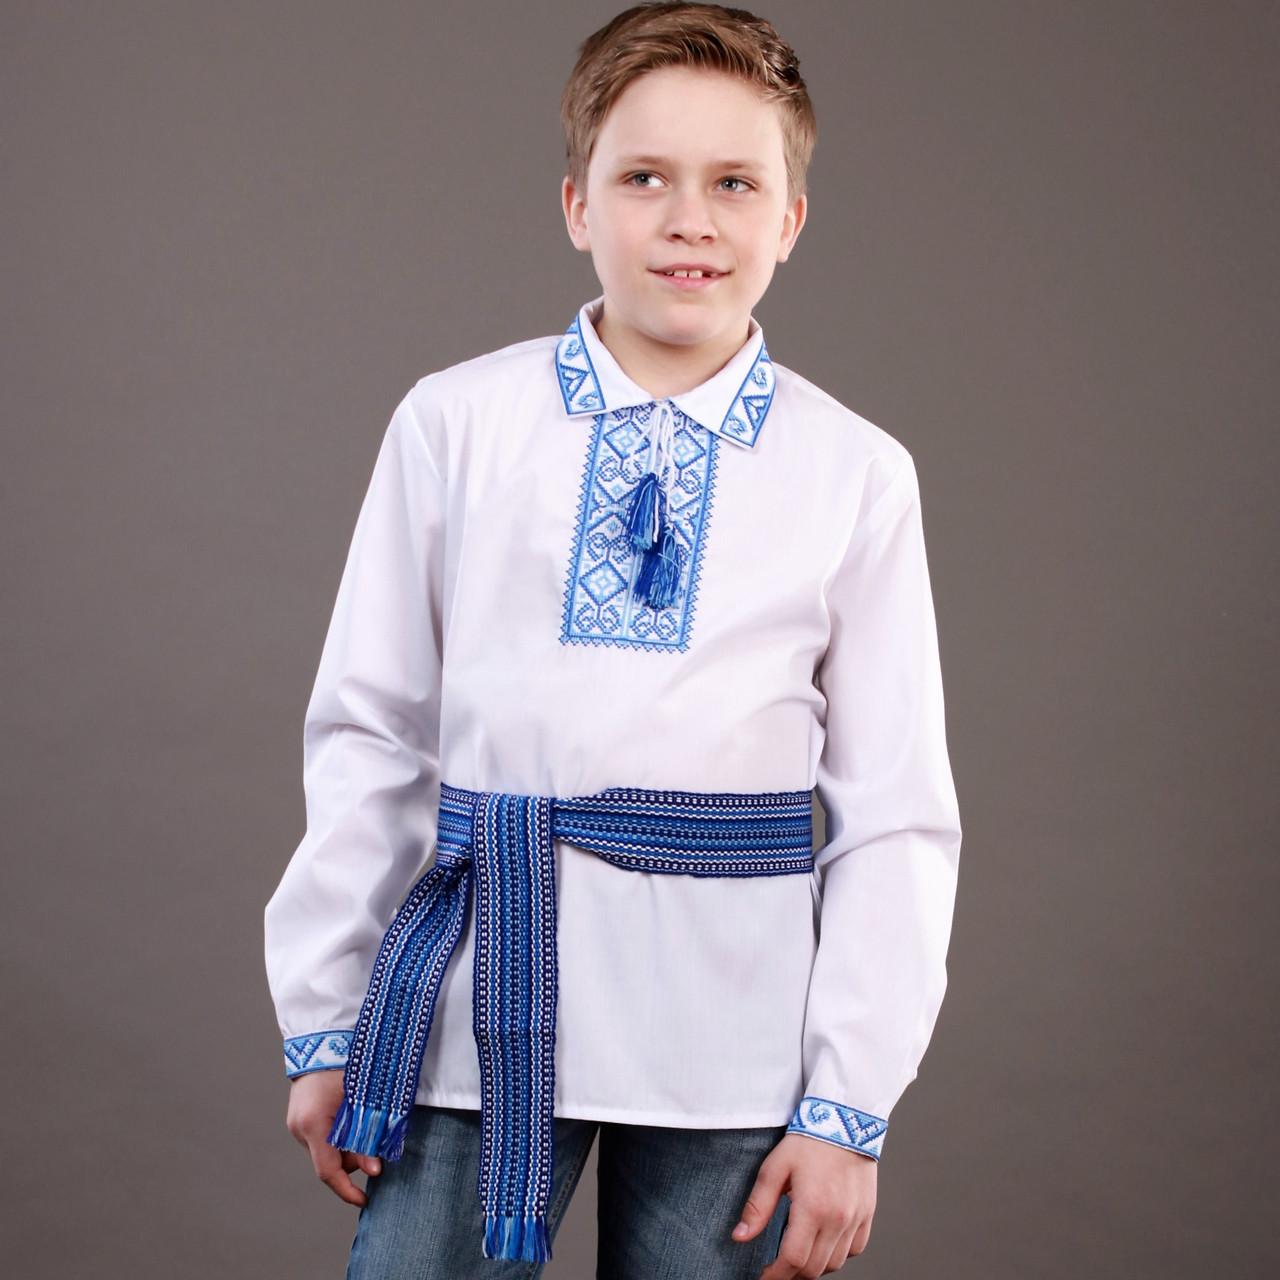 Украинская вышиванка своими руками. Фото, видео, схемы и узоры 41